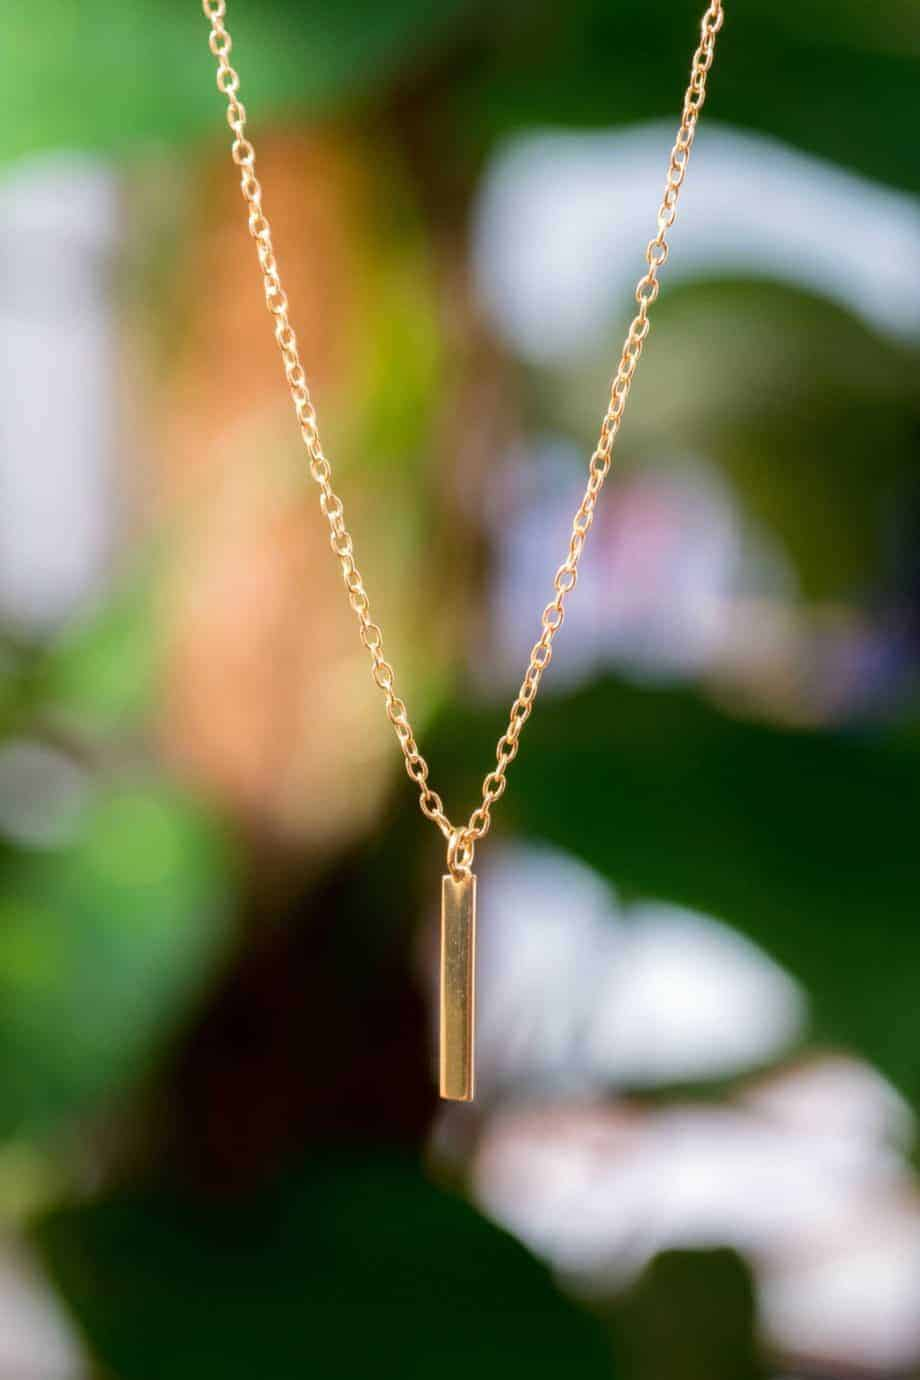 Gouden ketting met hanger 'Bar' van Goud op Zilver